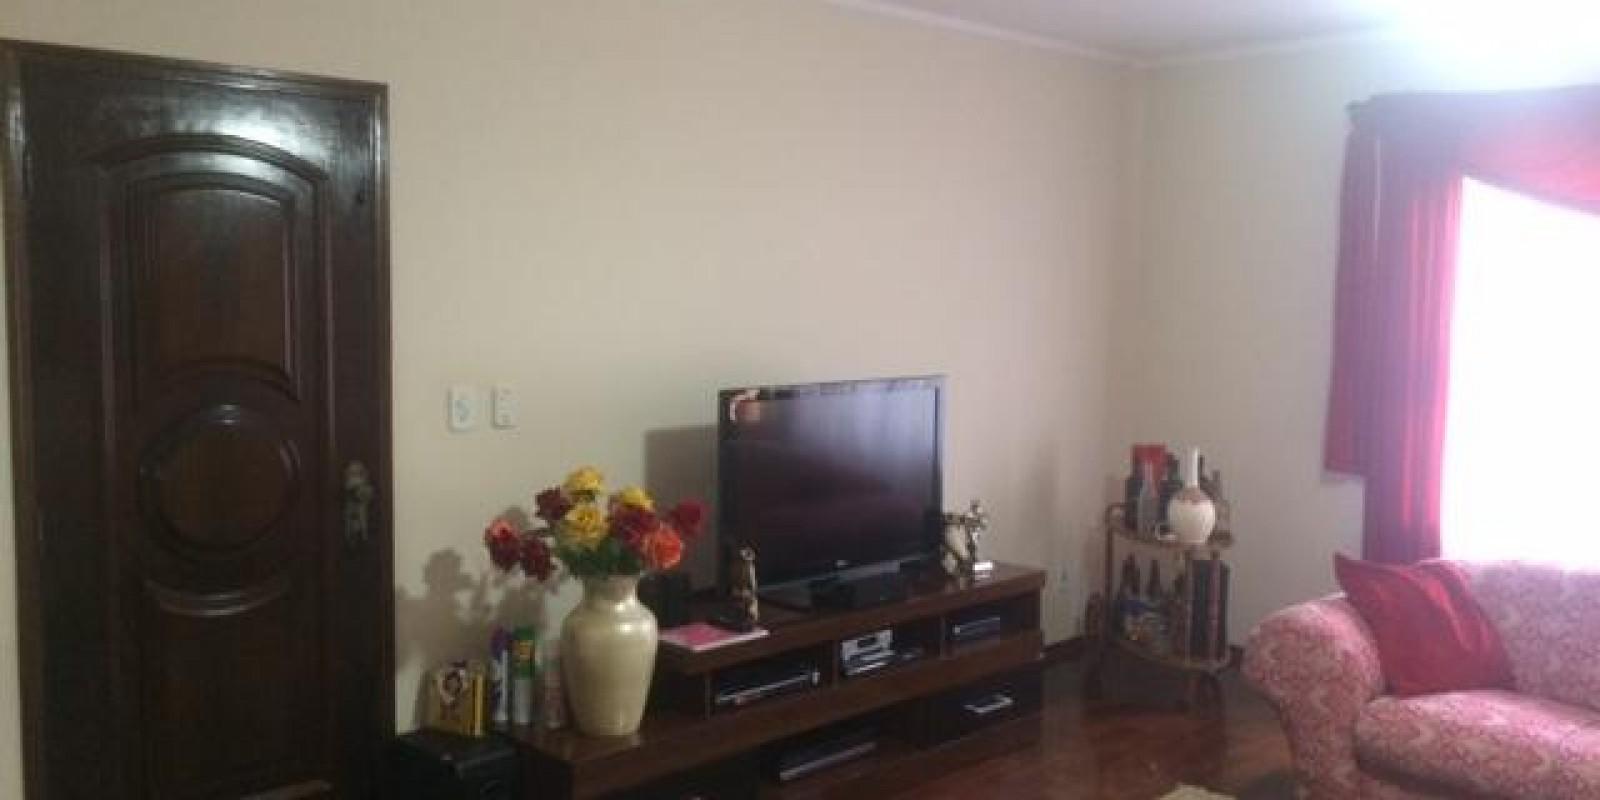 Casa no Bairro Brabancia em Avaré SP - Foto 12 de 20